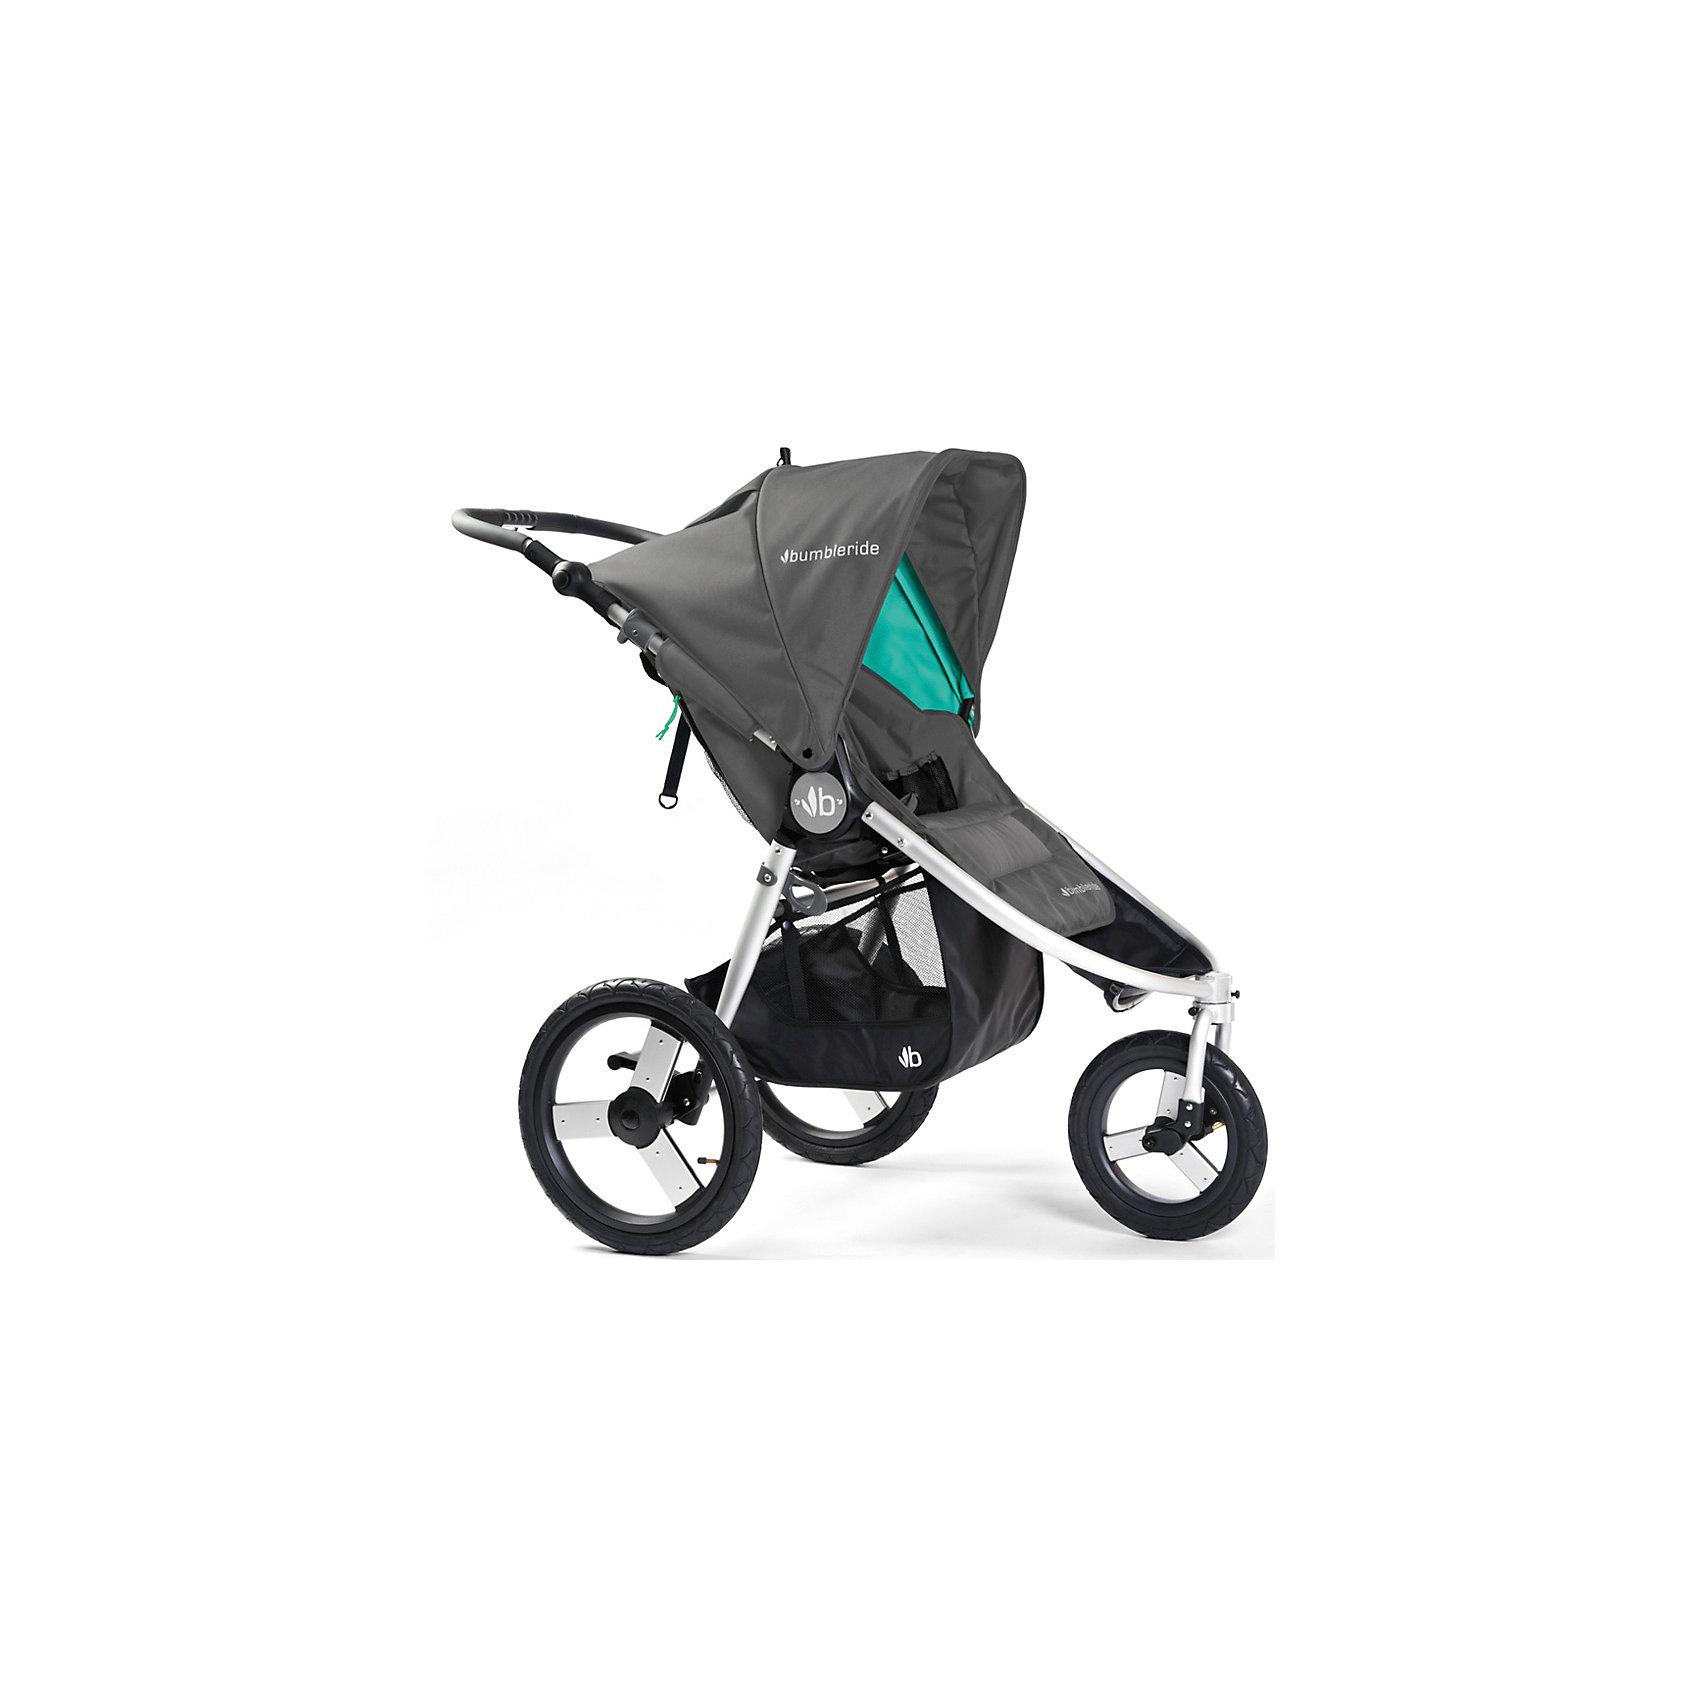 Прогулочная коляска Bumbleride Speed, dawn greyПрогулочные коляски<br>Коляска для прогулки Speed – уникальная модель от бренда Bumbleride. Коляска – незаменимая вещь для молодых родителей. К ее выбору важно подходить со всей ответственностью. У коляски 3 колеса из высококачественной резины. Переднее колесо имеет три положения. Спинка устанавливается в необходимое положение с помощью надежного рычага регулирования. Модель сборная с автоматической фиксацией положения, причем скорость складывания достигает нескольких секунд! Отличительная особенность модели – отличная амортизация коляски даже на неровной дороге.<br><br>Дополнительная информация: <br><br>цвет: dawn grey;<br>возраст: 6 мес – 3 года;<br>легко складывается;<br>облегченная рама;<br>три положения переднего колеса;<br>регулируется спинка;<br>капюшон;<br>пятиточечные ремни безопасности;<br>вес: 10 кг.<br><br>Коляску для прогулок Speed от компании Bumbleride можно приобрести в нашем магазине.<br><br>Ширина мм: 460<br>Глубина мм: 270<br>Высота мм: 770<br>Вес г: 14500<br>Возраст от месяцев: 6<br>Возраст до месяцев: 36<br>Пол: Унисекс<br>Возраст: Детский<br>SKU: 4998043